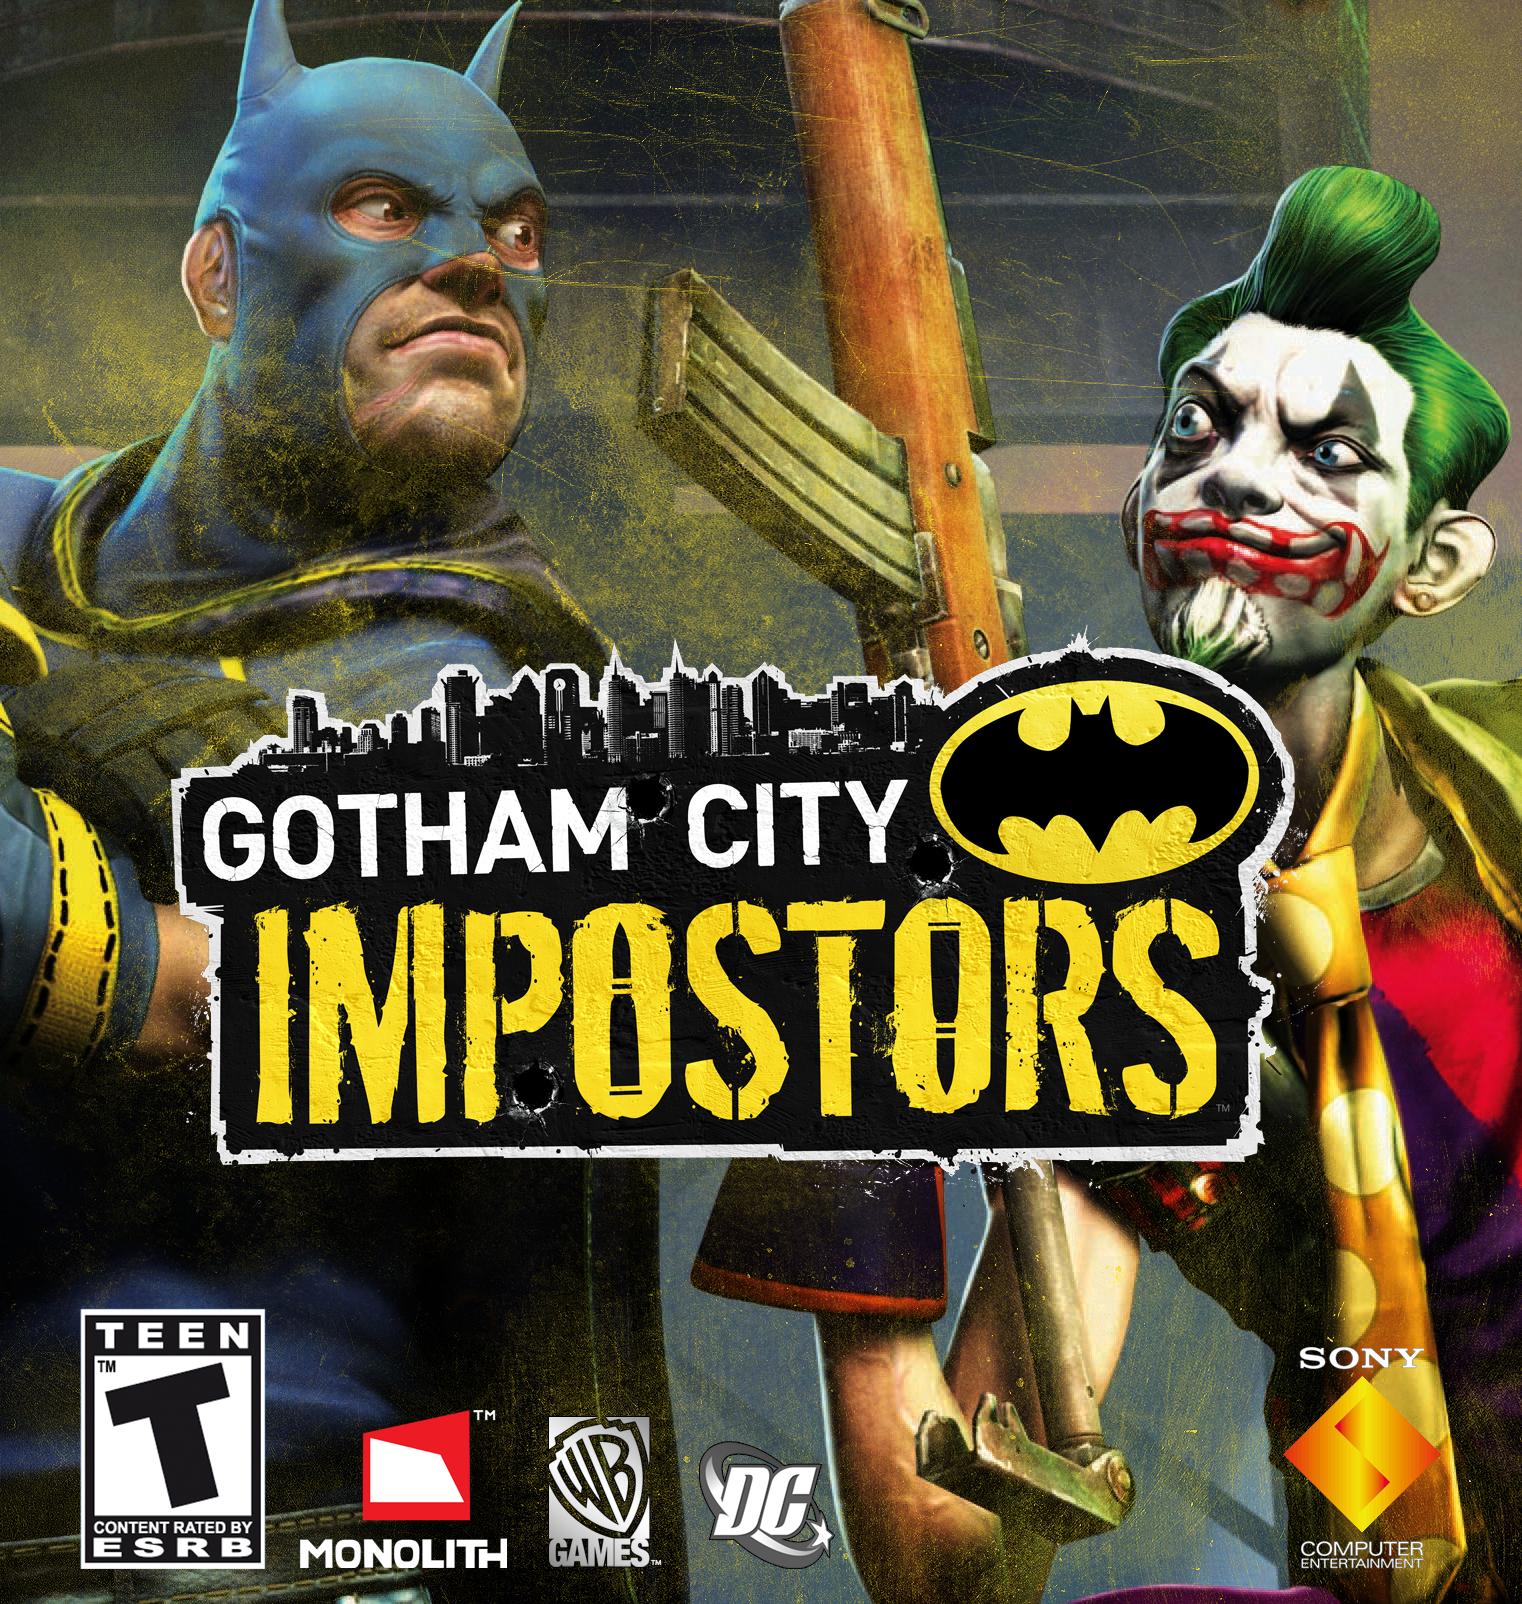 Gotham City Impostors Wallpaper Gotham City Impostors